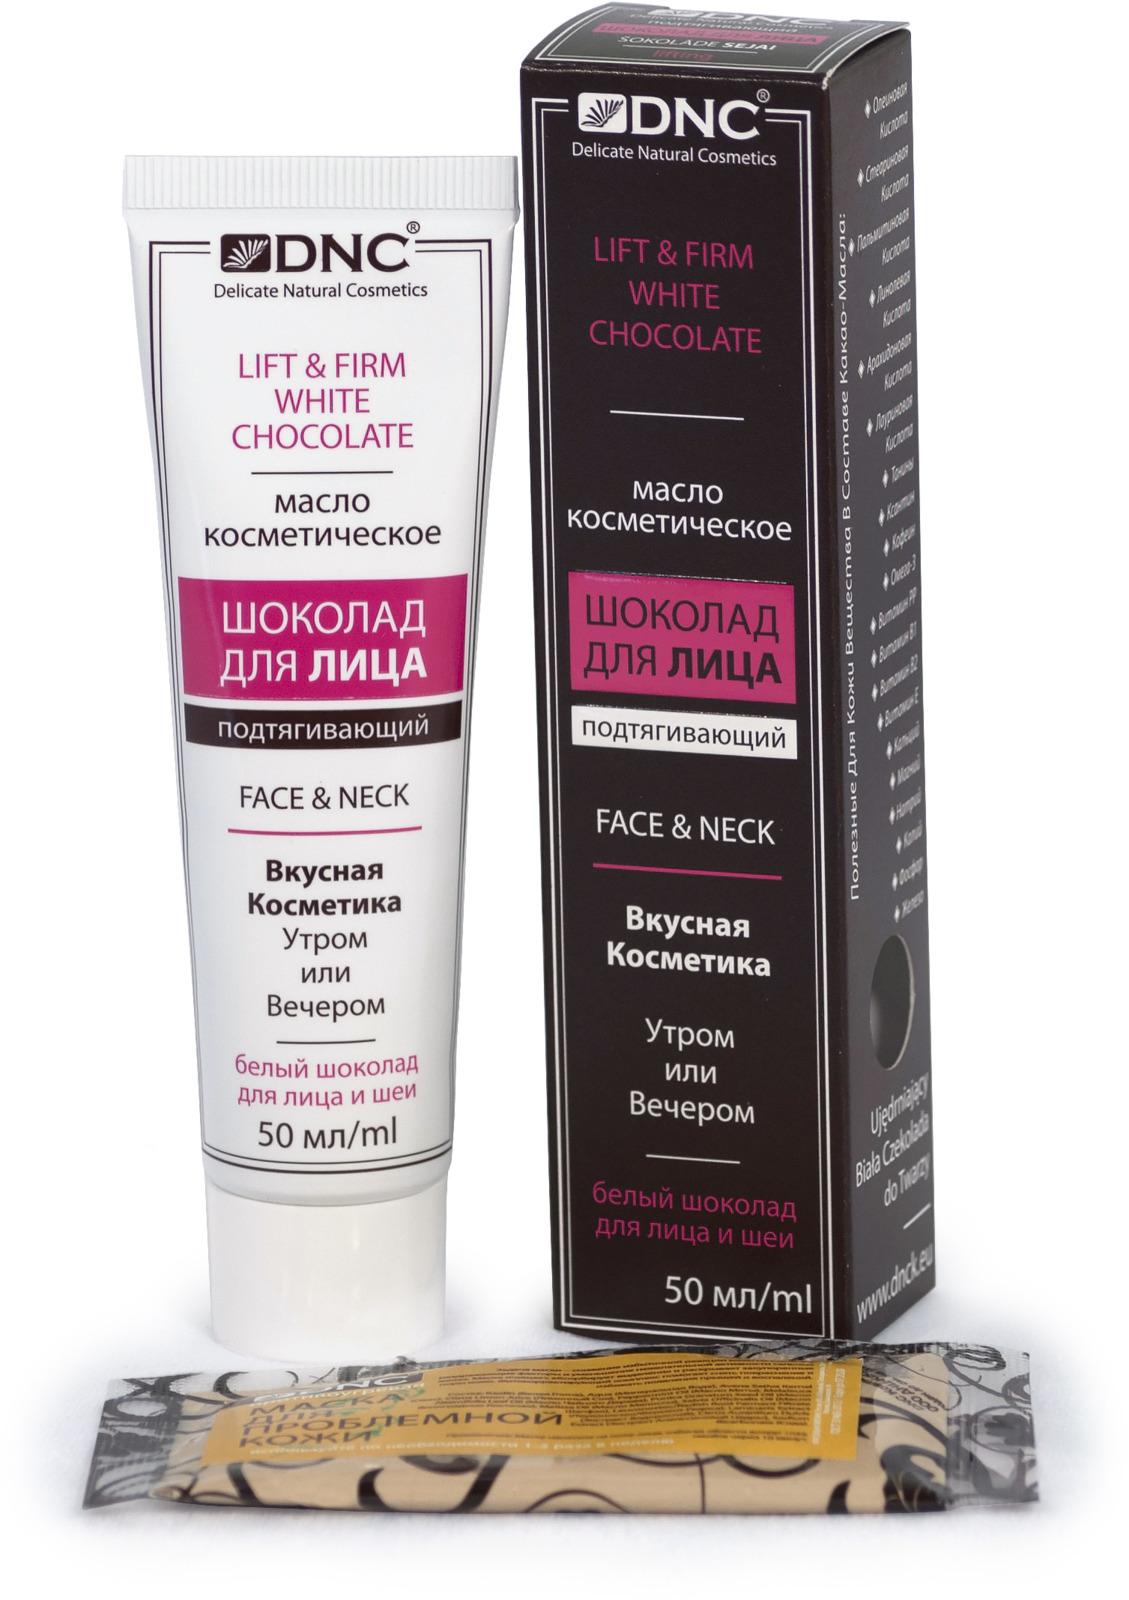 Косметический набор DNC: шоколад для лица, подтягивающий, 50 мл + Подарок: маска для лица, 15 мл купить эластичную маску для лица